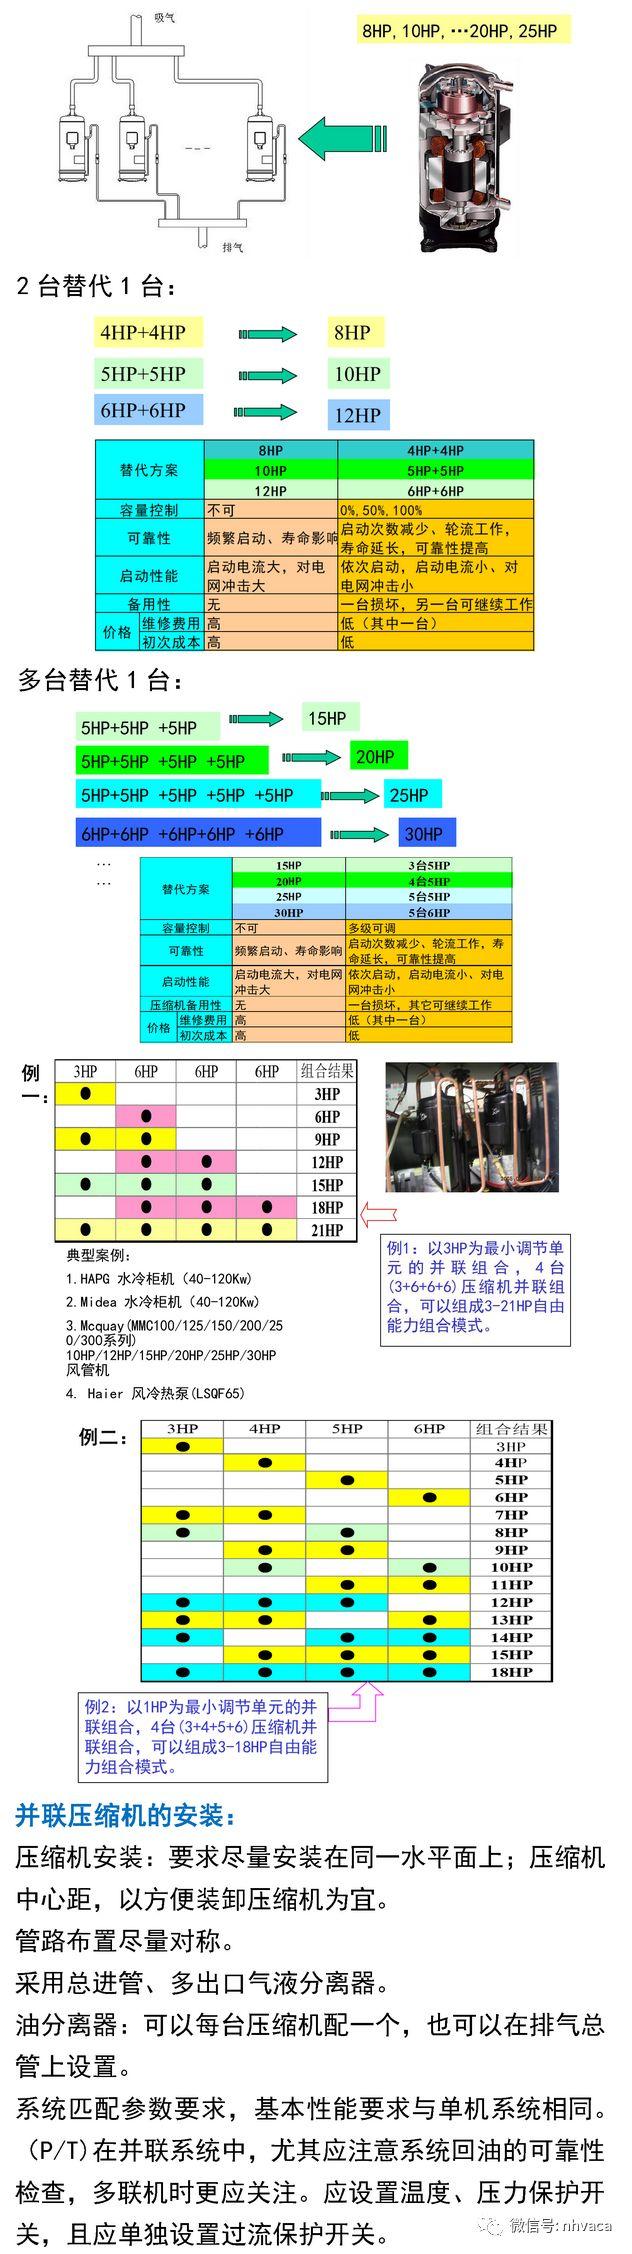 涡旋压缩机设计应用手册_5